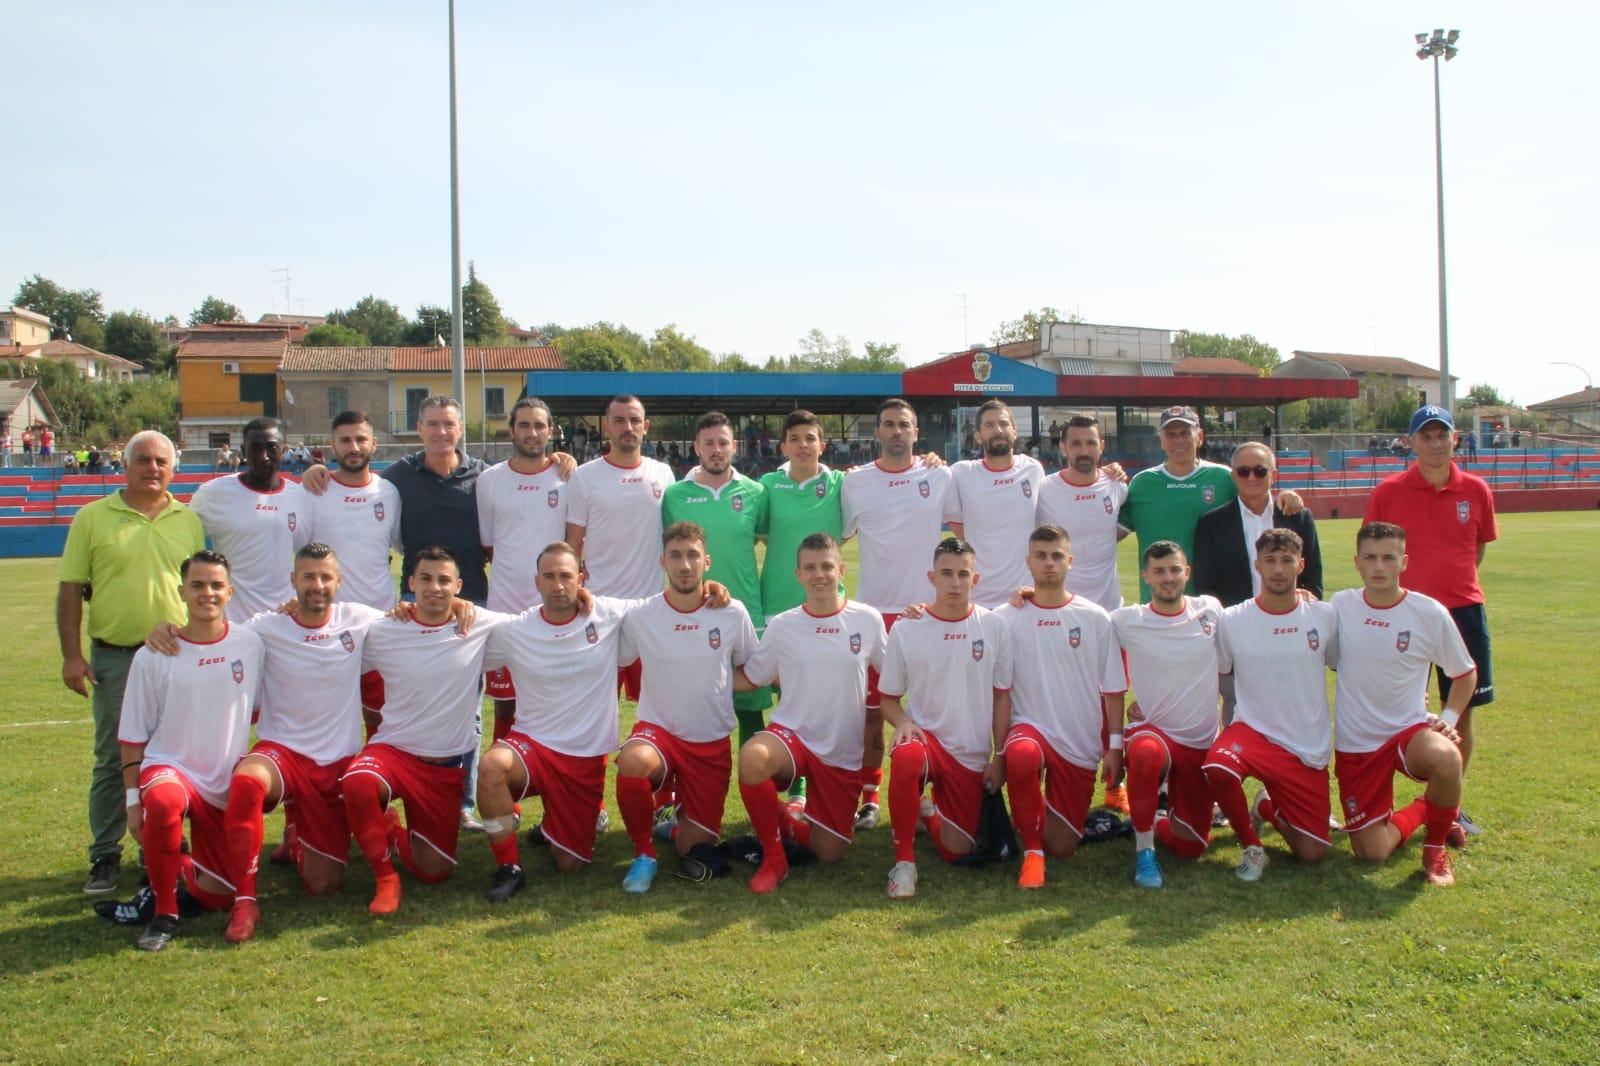 Ceccano calcio promozione rosa 2019-20